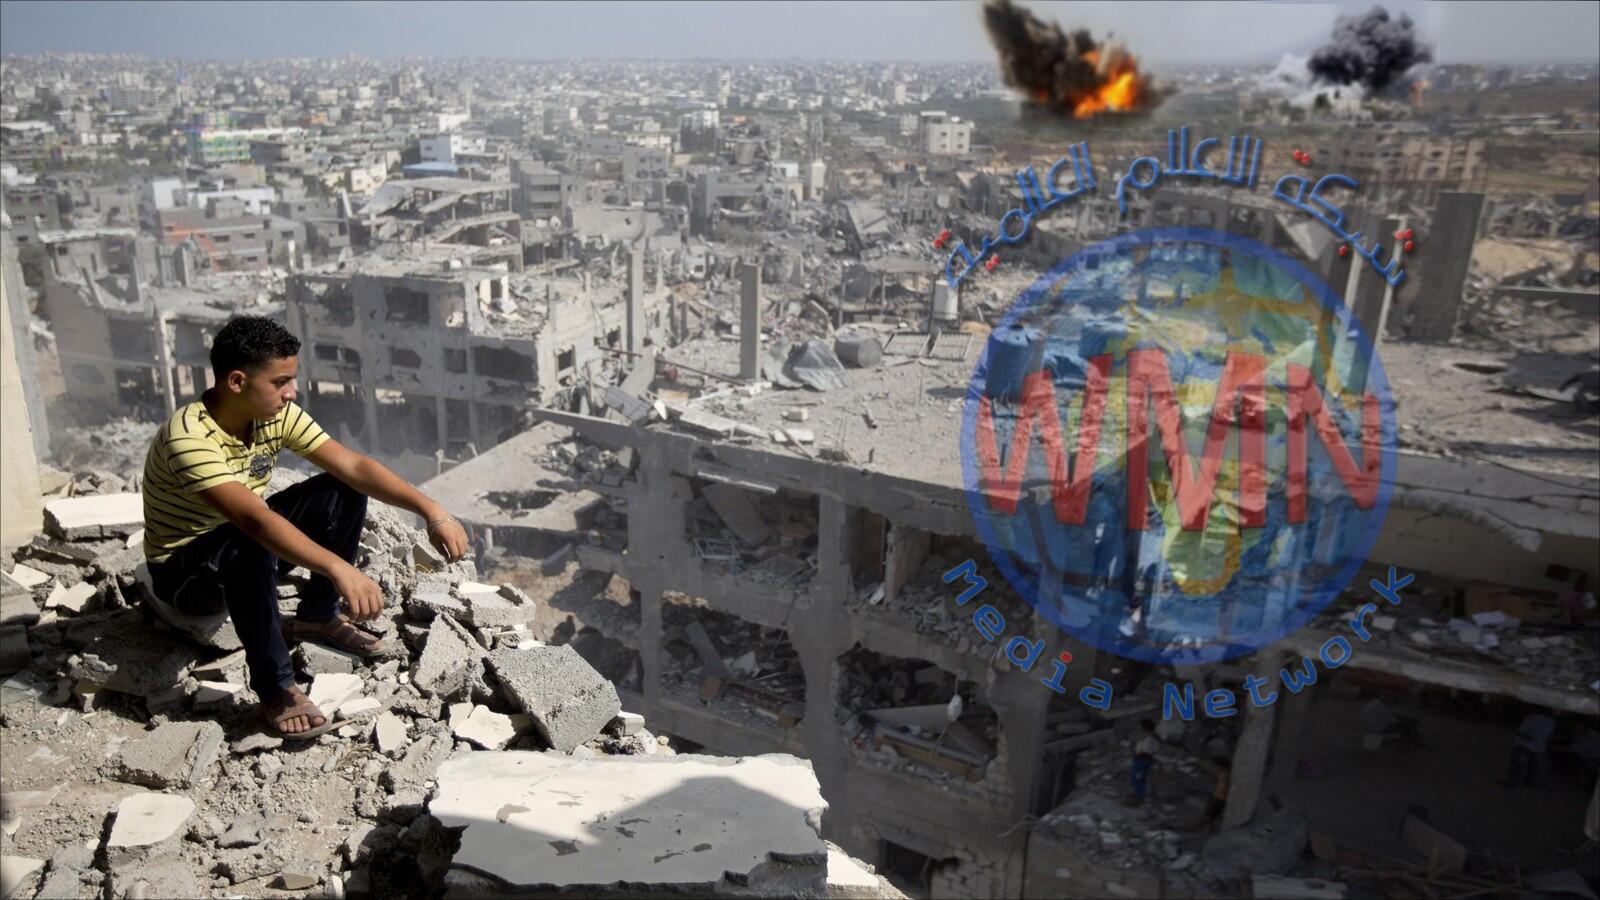 الاحتلال الاسرائيلي: شن الحرب على غزة كان وشيكا جدا قبل أسبوعين